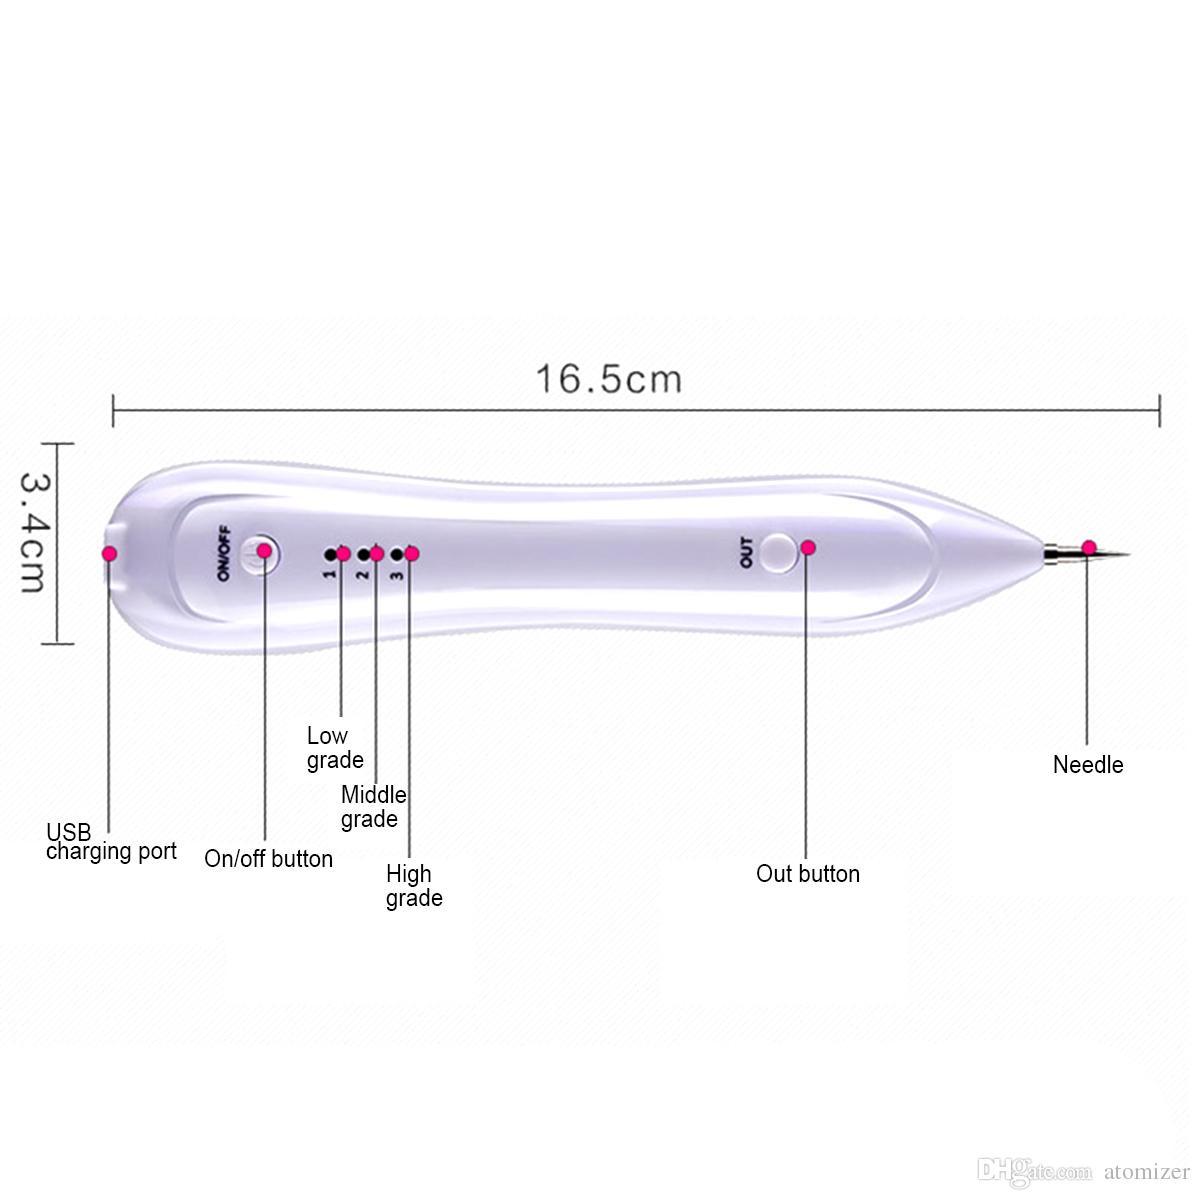 Máquina de Remoção de sardas Do Laser Toupeira Removedor de Manchas Escuras Tatuagem Remoção de Verrugas Tag Pen Salão de Beleza Em Casa Cuidados de Beleza Em Casa Dispositivo de Beleza 0609045